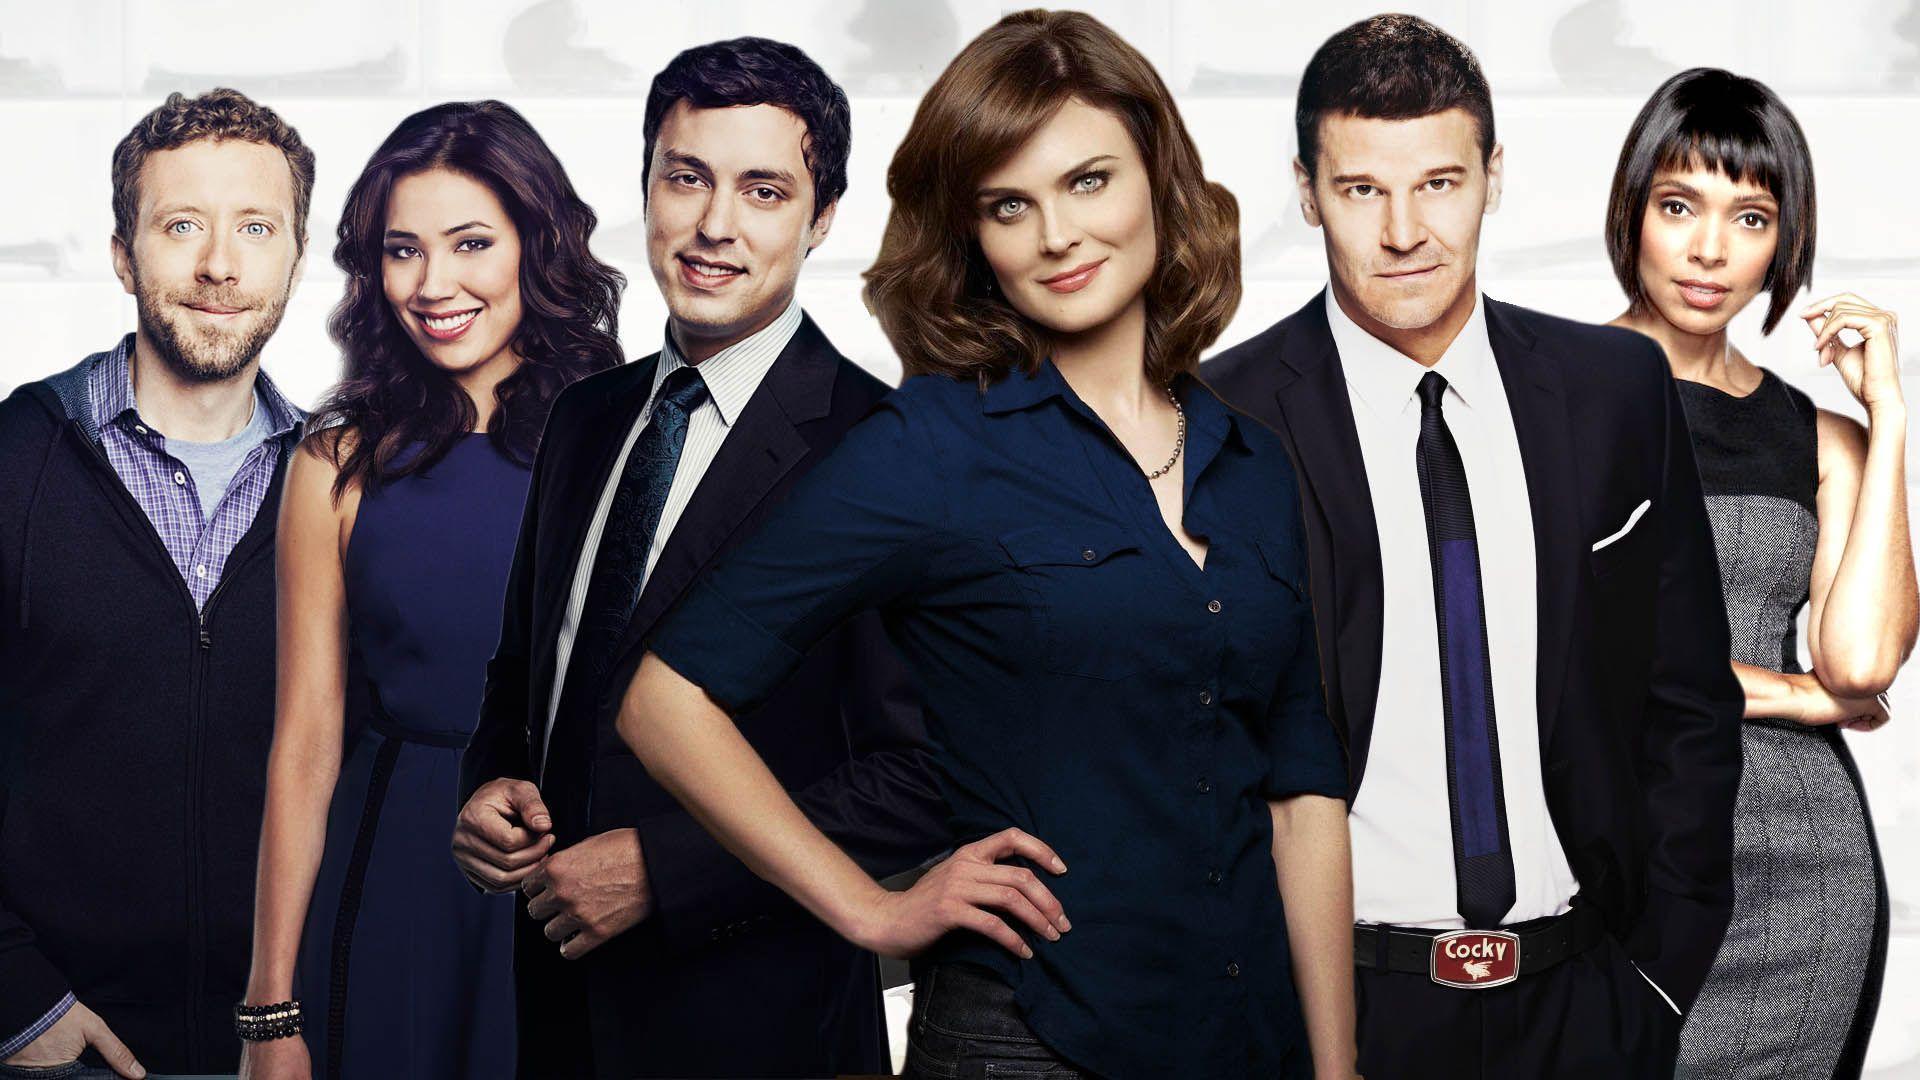 Bones Tv Show Wallpapers Top Free Bones Tv Show Backgrounds Wallpaperaccess